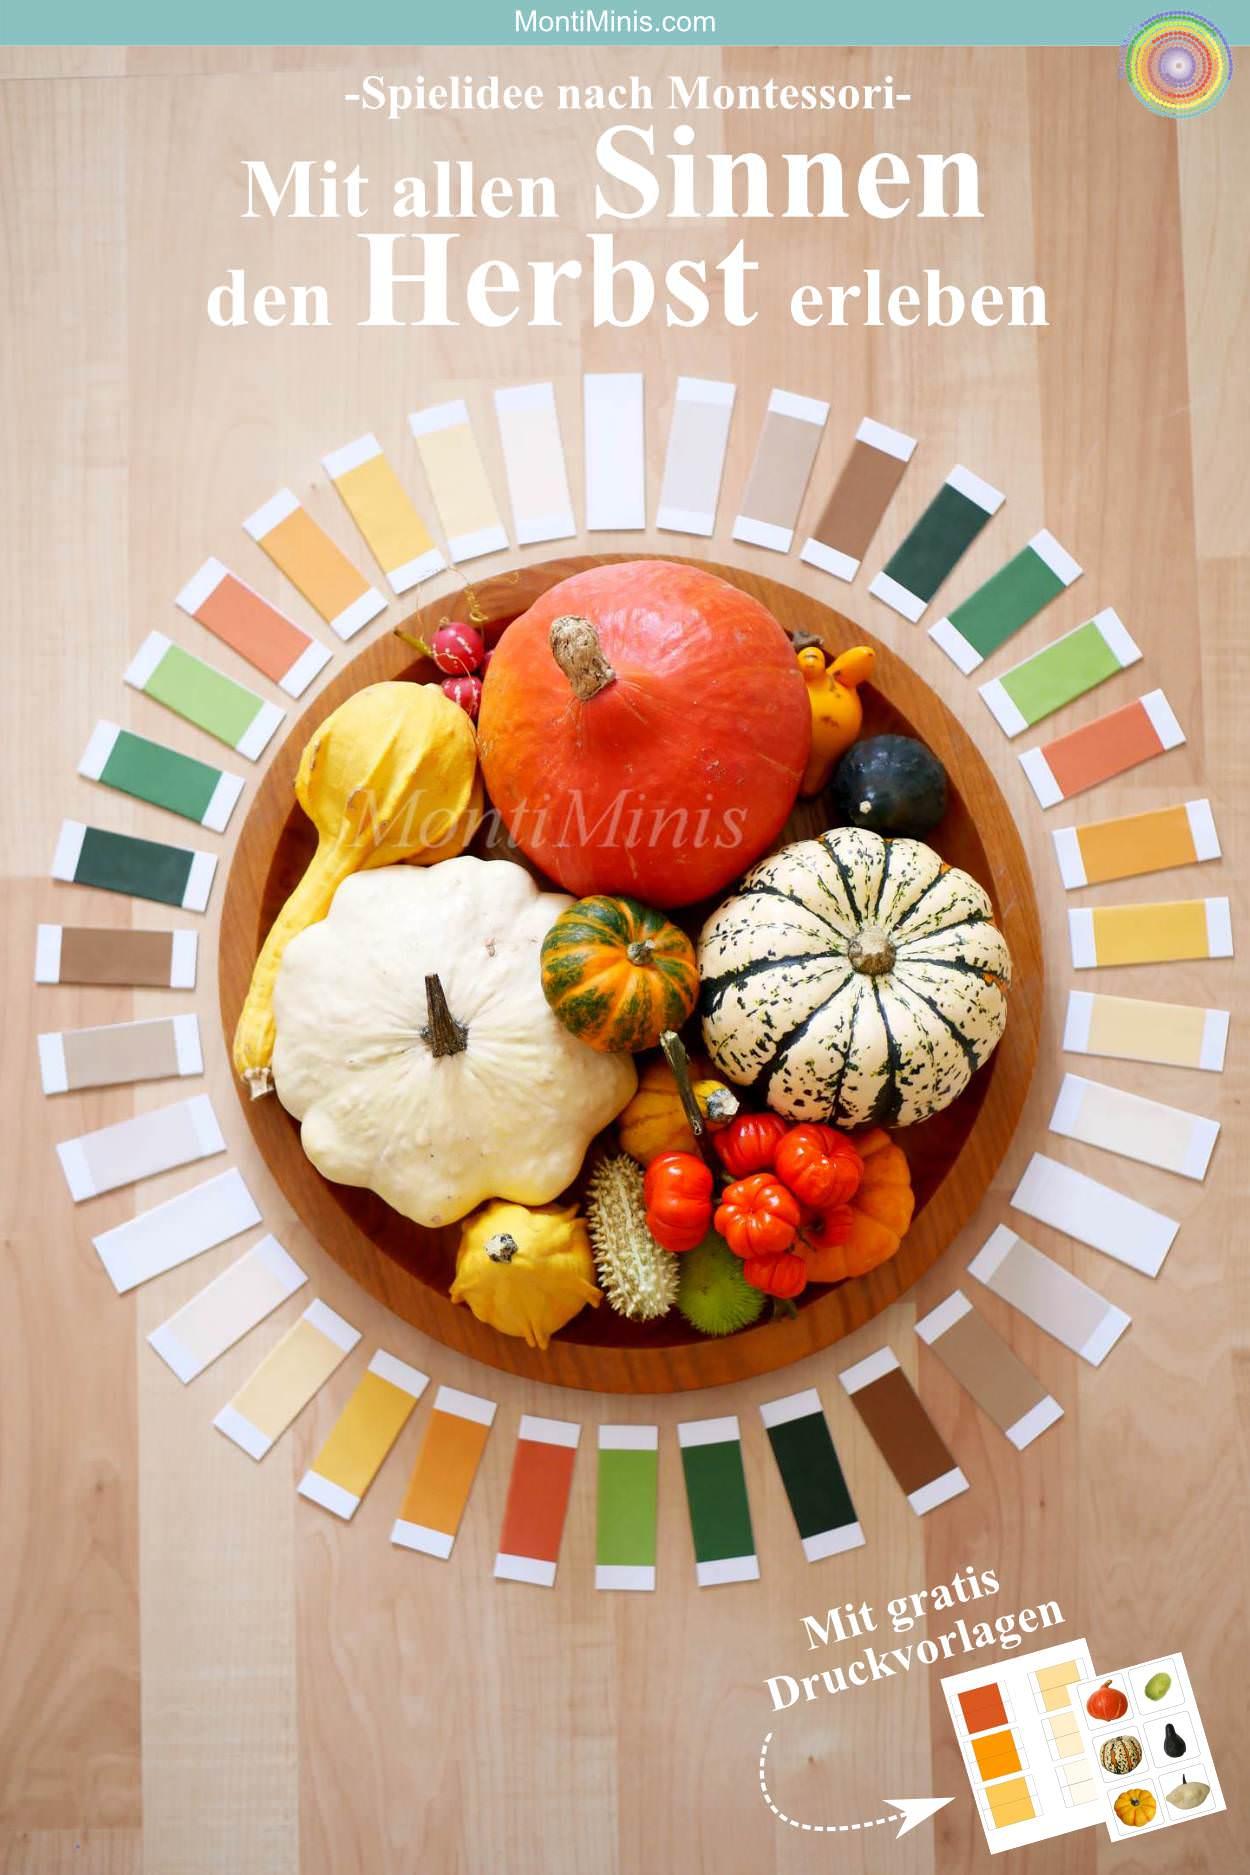 Herbst, Montessori Spielidee selbstgemacht, Montessori DIY Farbtäfelchen, Download, Herbstidee, Kürbisse, Farbspiel, | MontiMinis.com